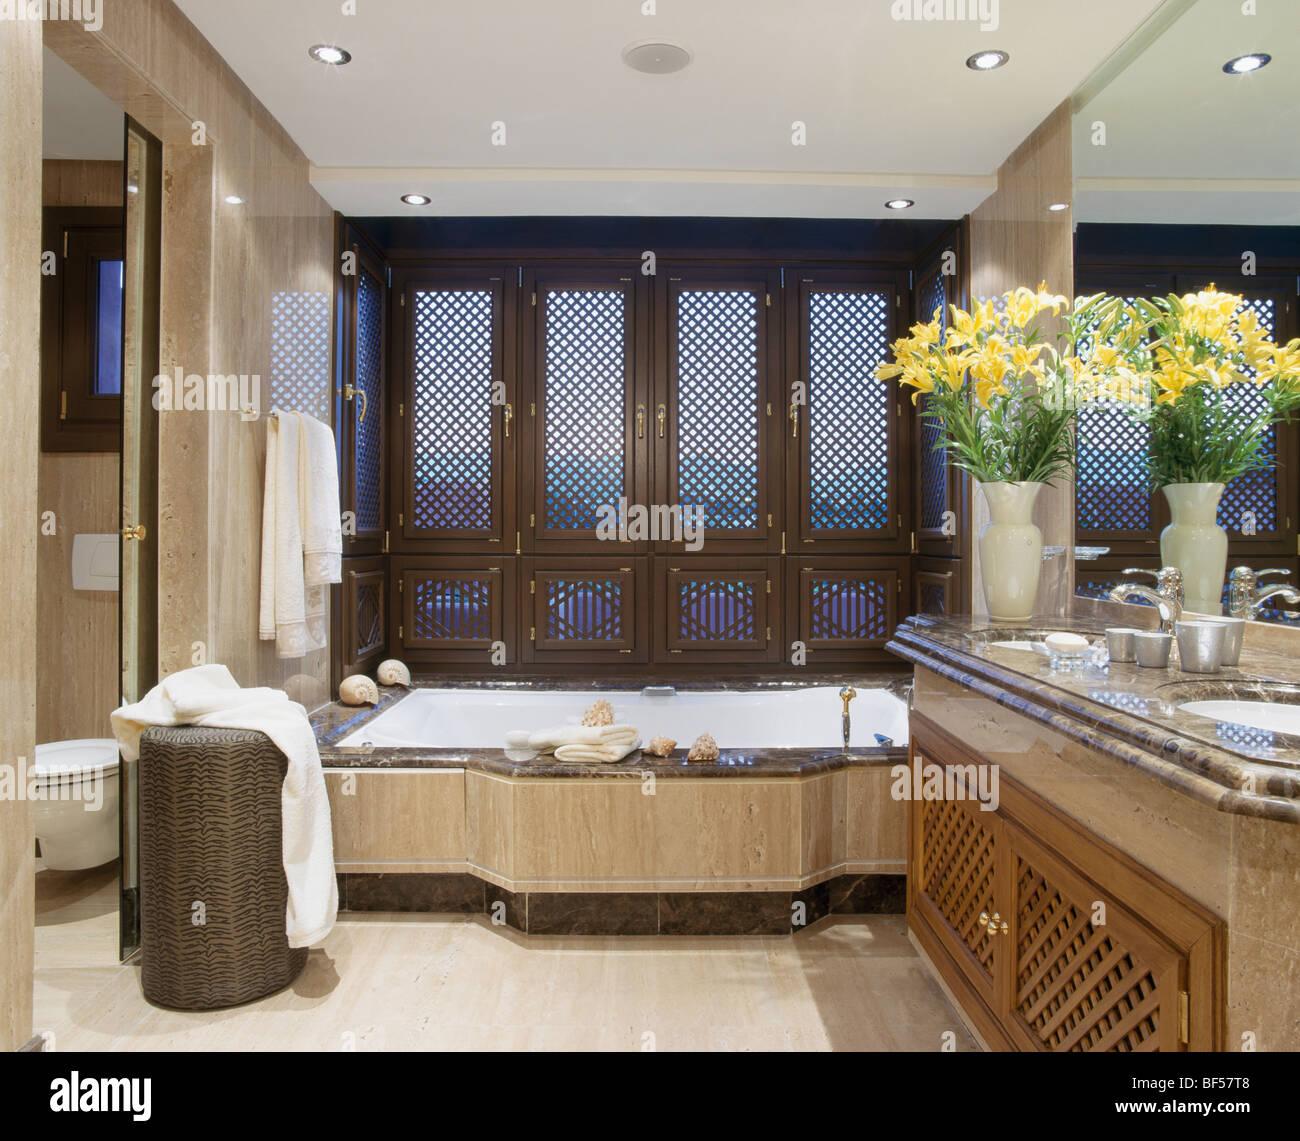 Persianas de ventana calados sobre la bañera en el cuarto de baño de ...